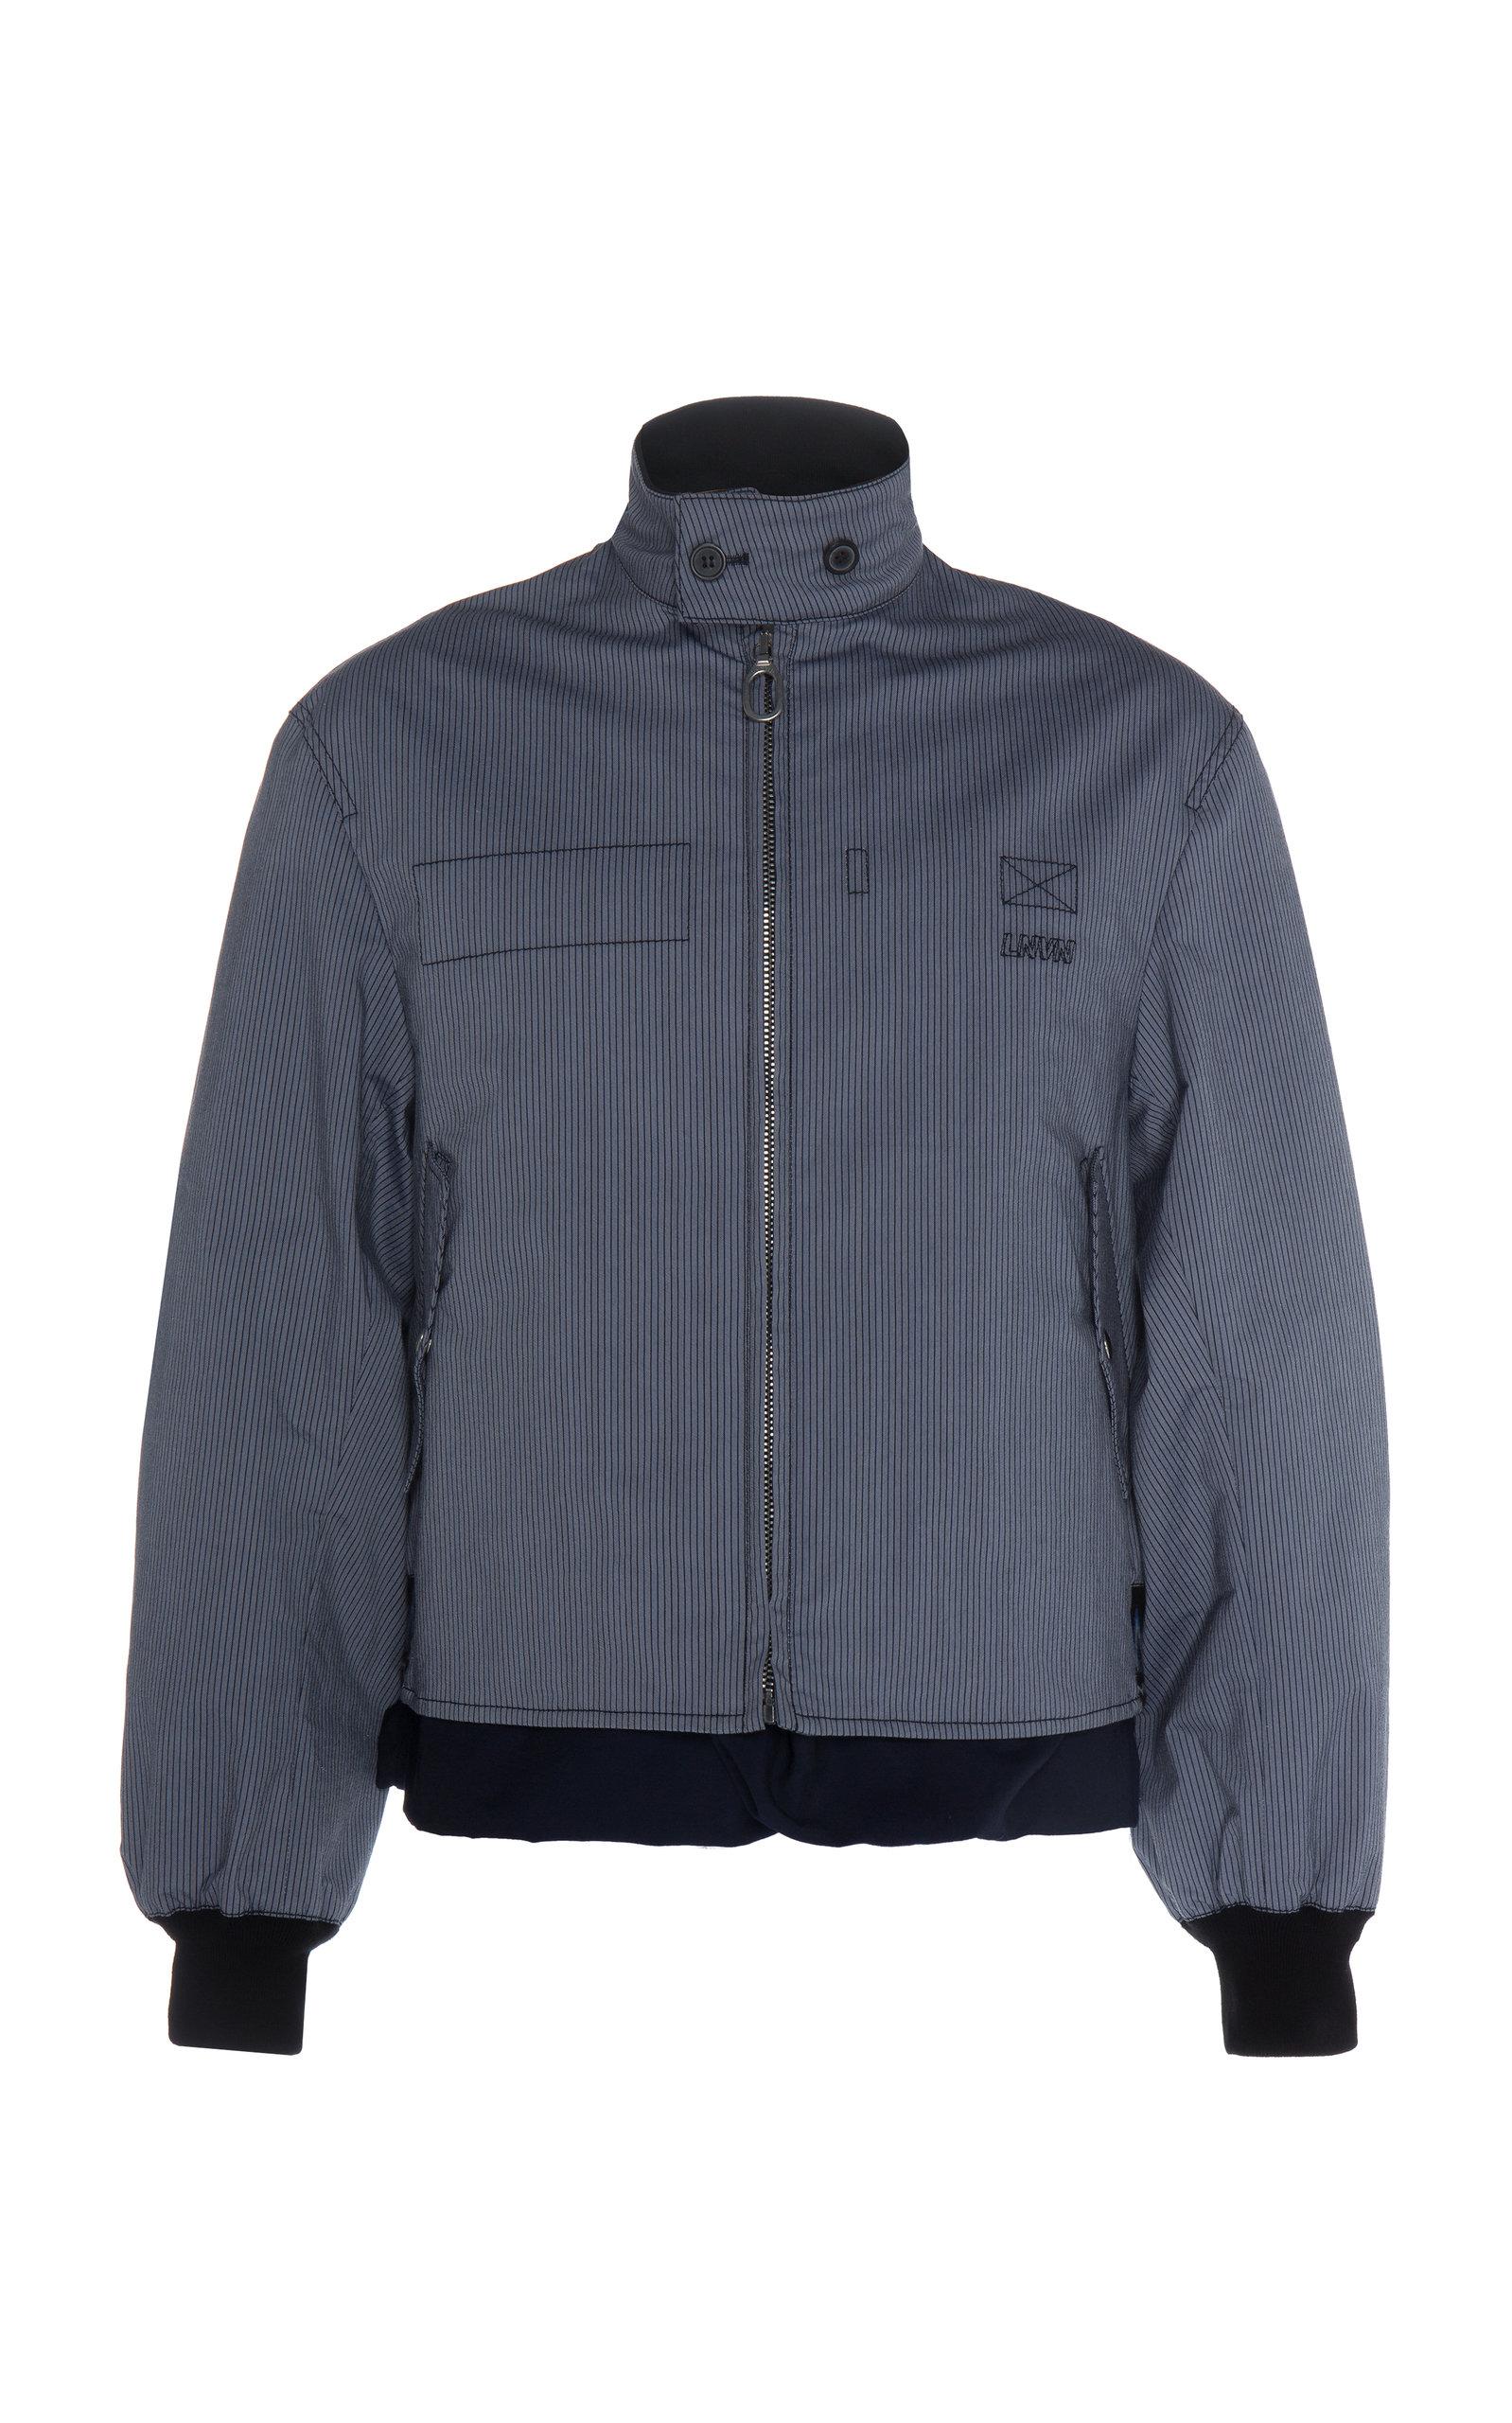 nouveaux articles couleur n brillante 100% qualité garantie Striped Blouson Bomber Jacket